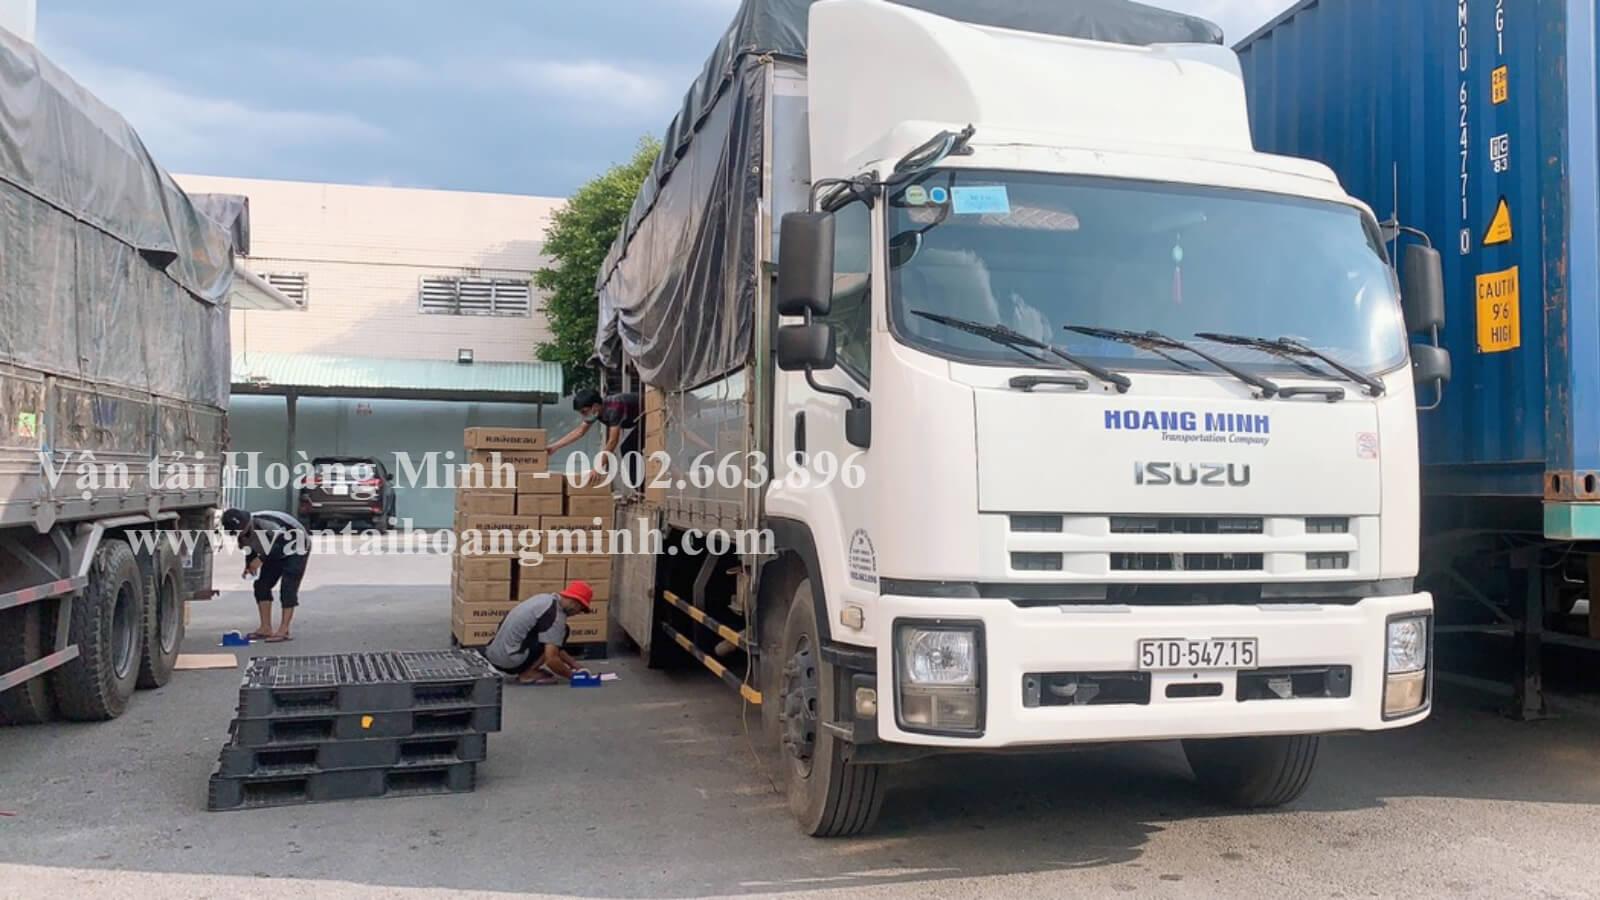 chành xe vận chuyển hàng hoá nội địa bằng xe tải